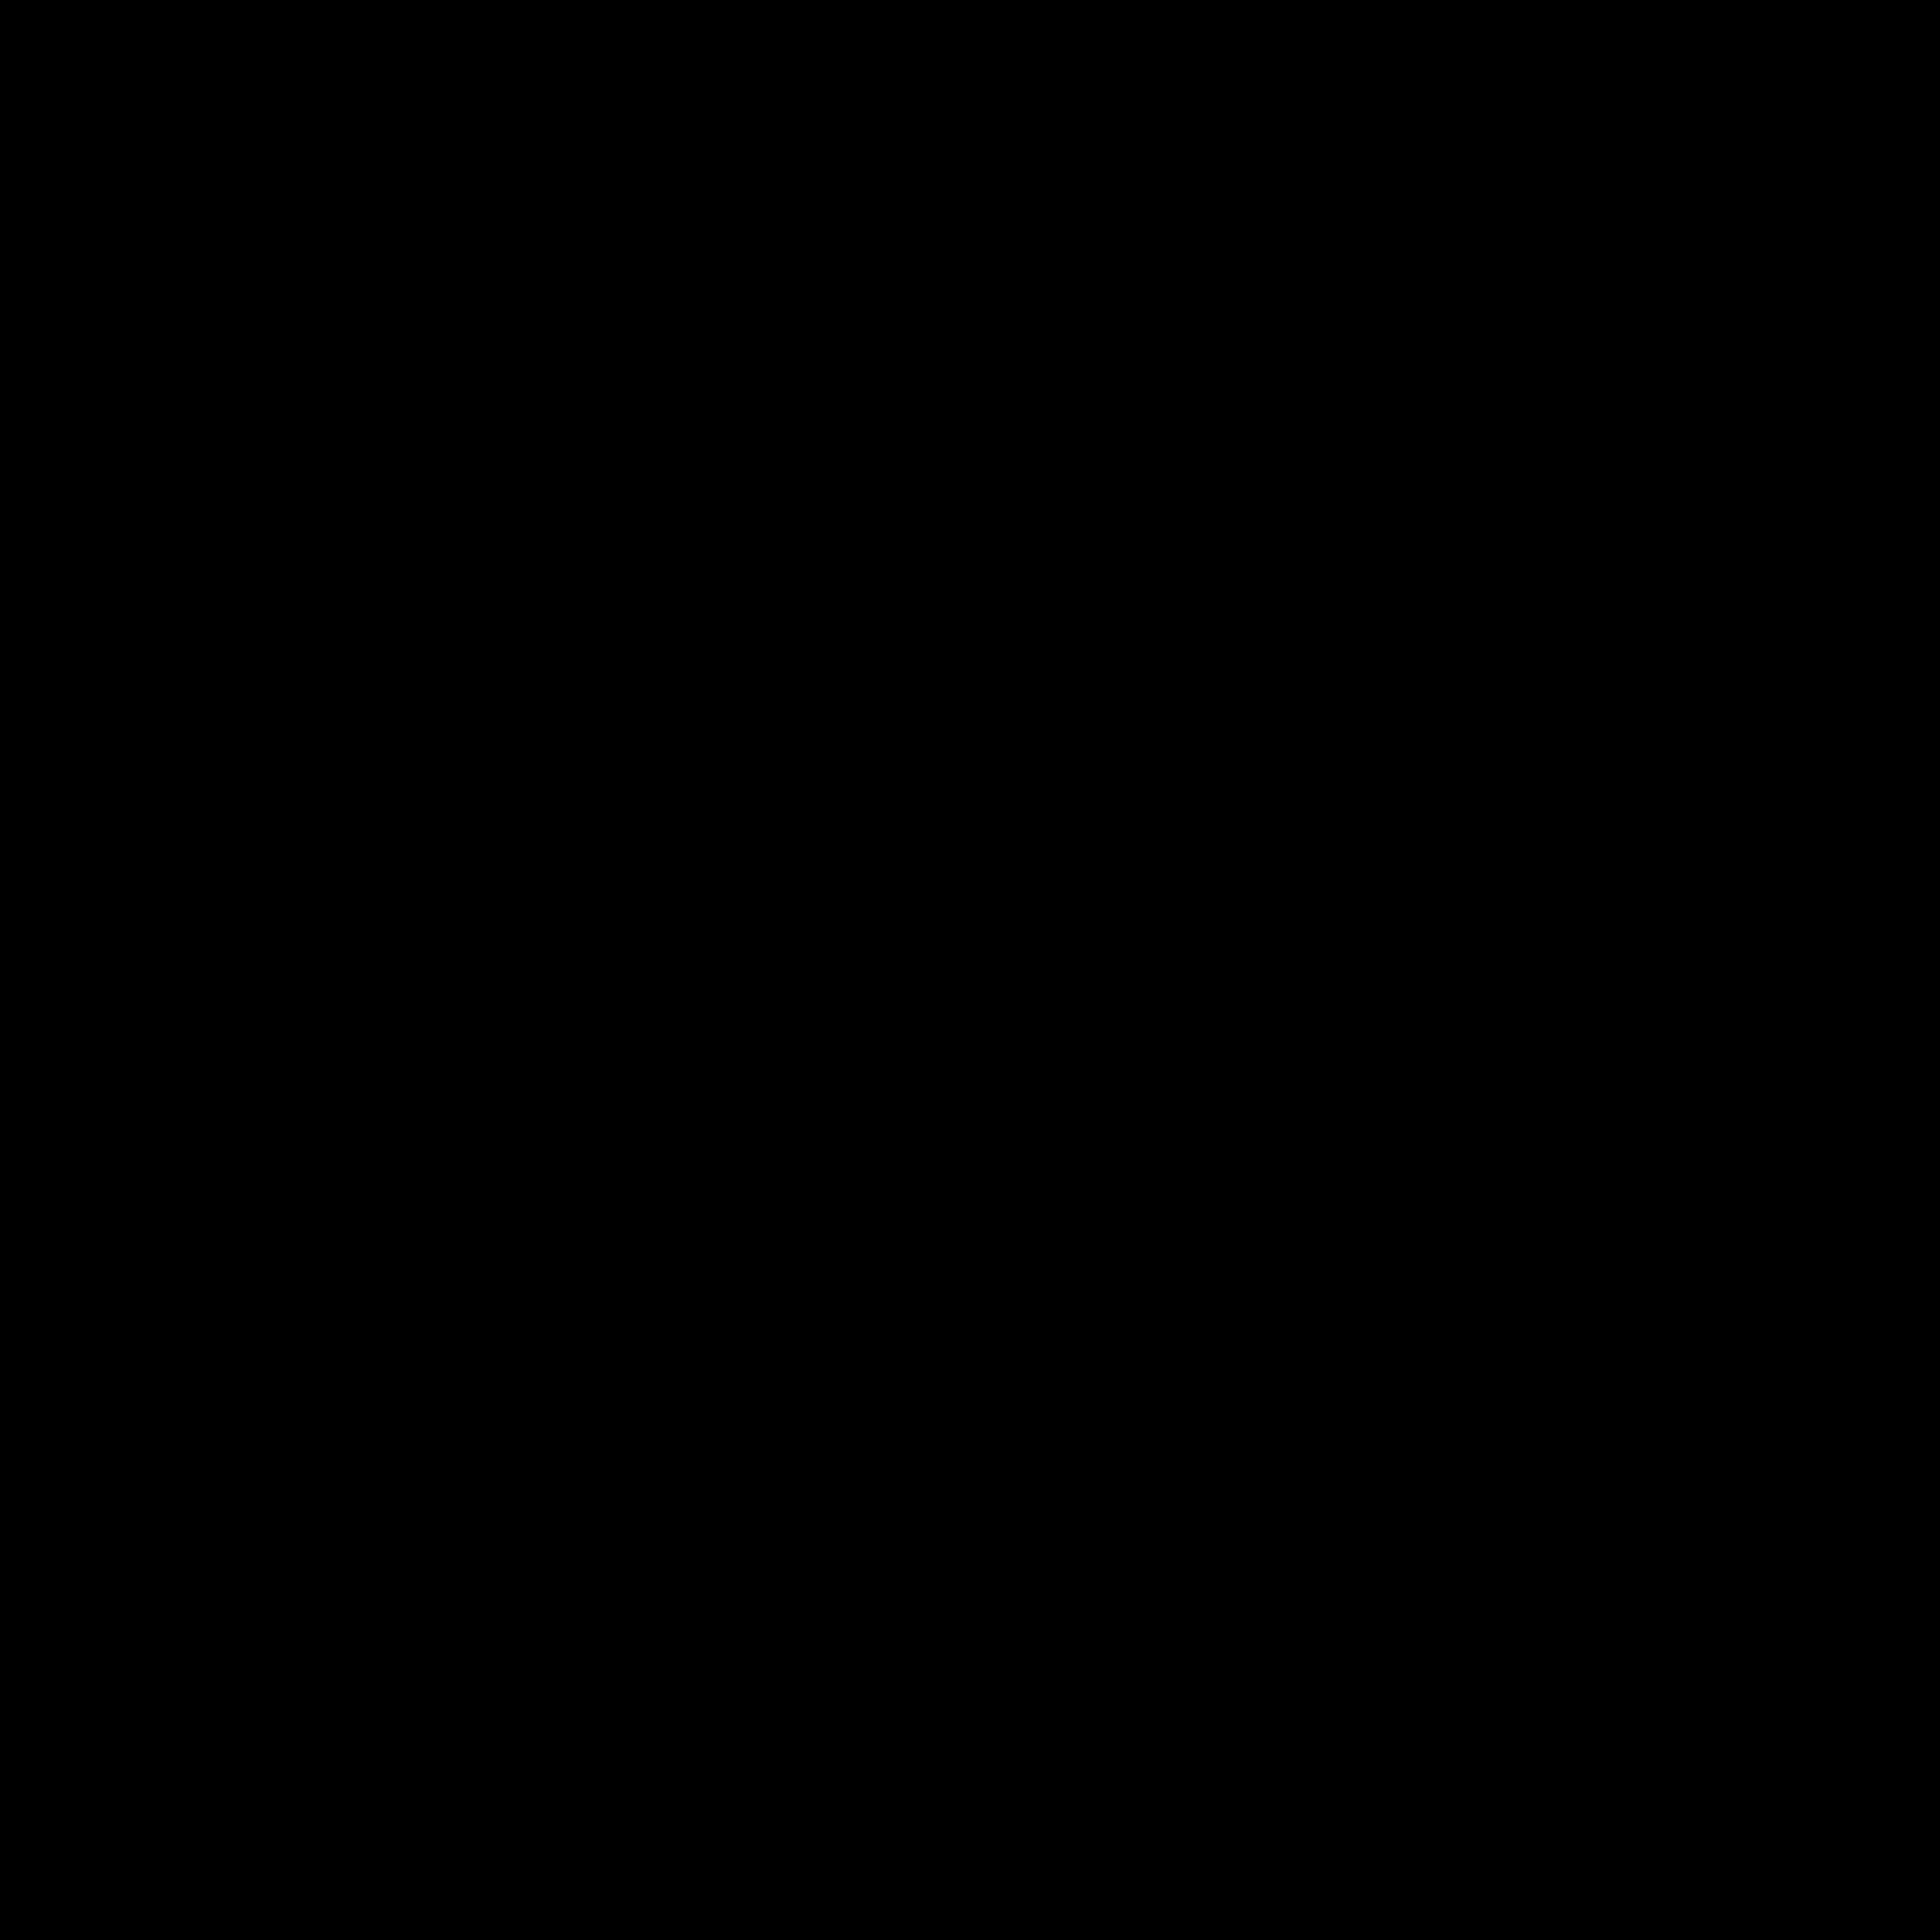 2400x2400 Instagram Glyph 1 Logo Svg Vector Amp Png Transparent